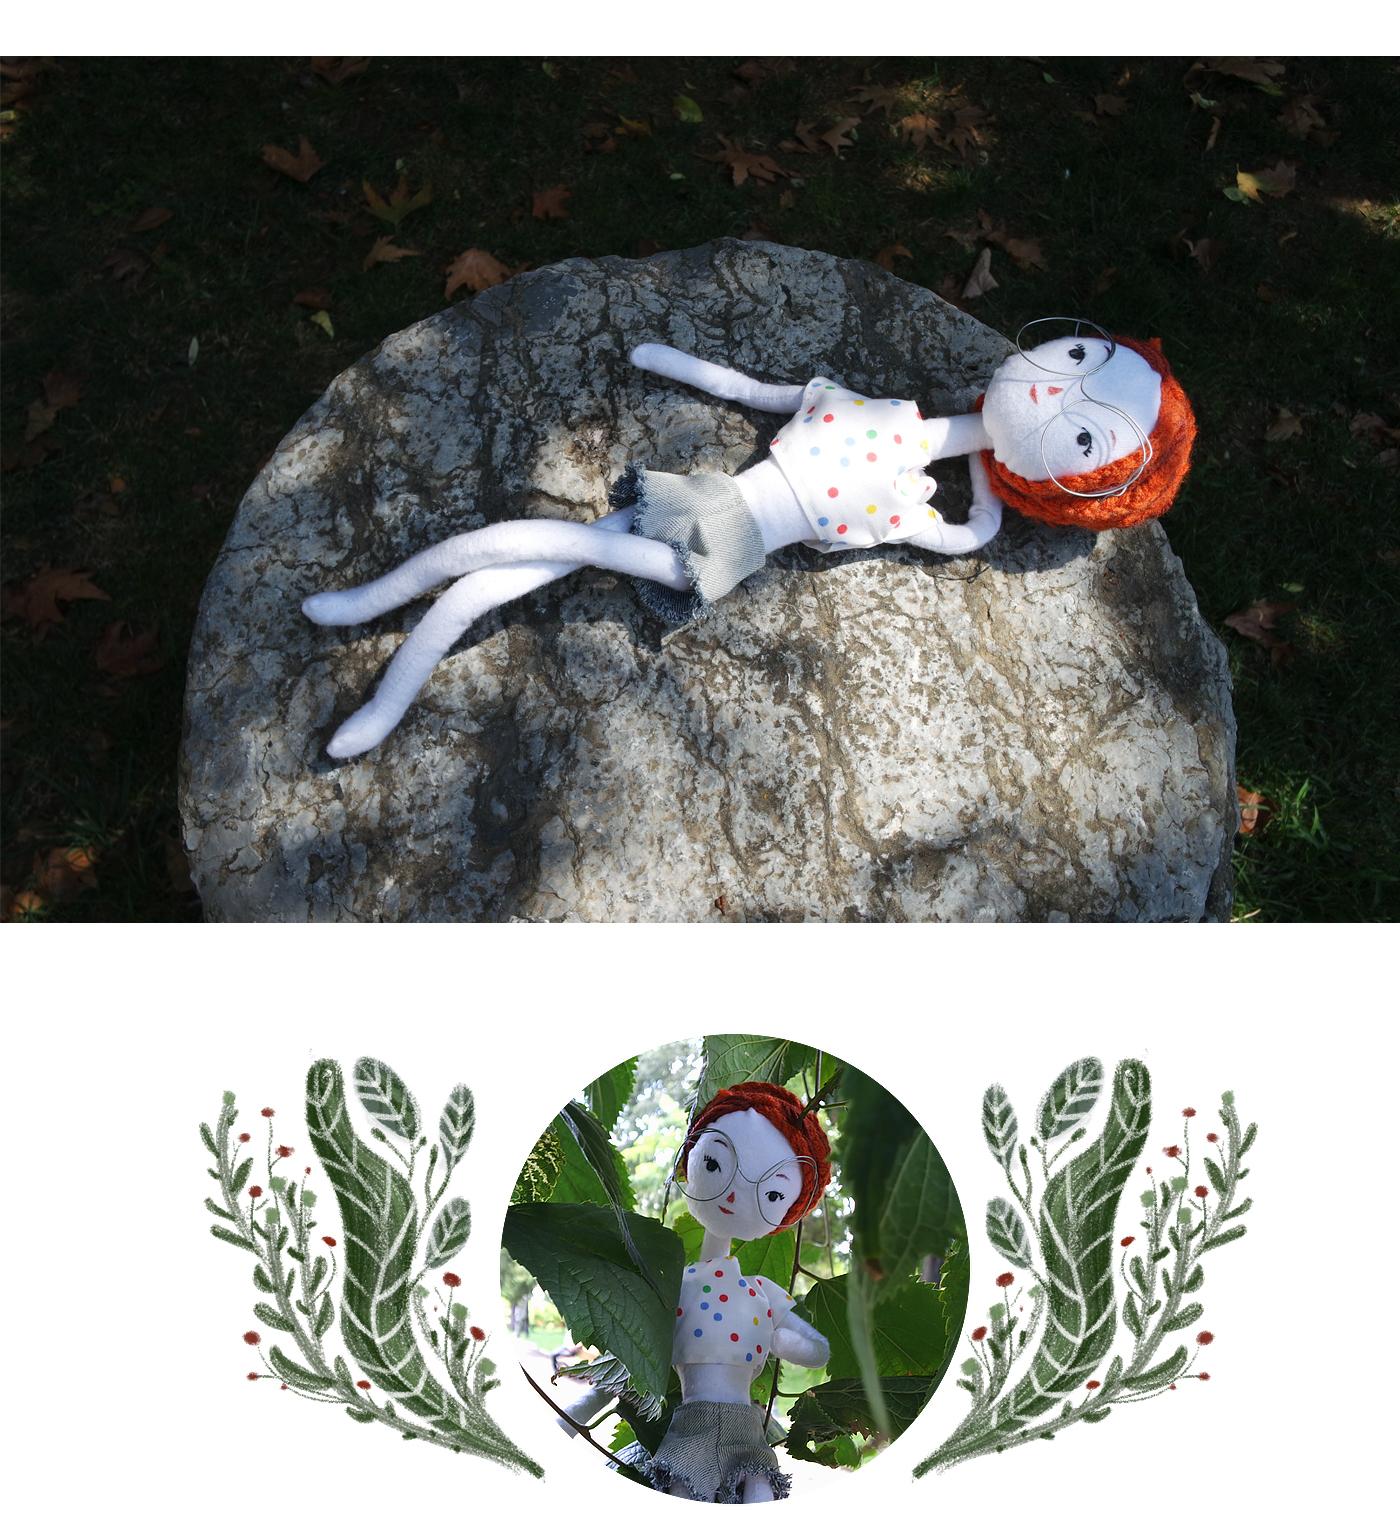 toy doll rag doll sewing toy design  handmade art doll